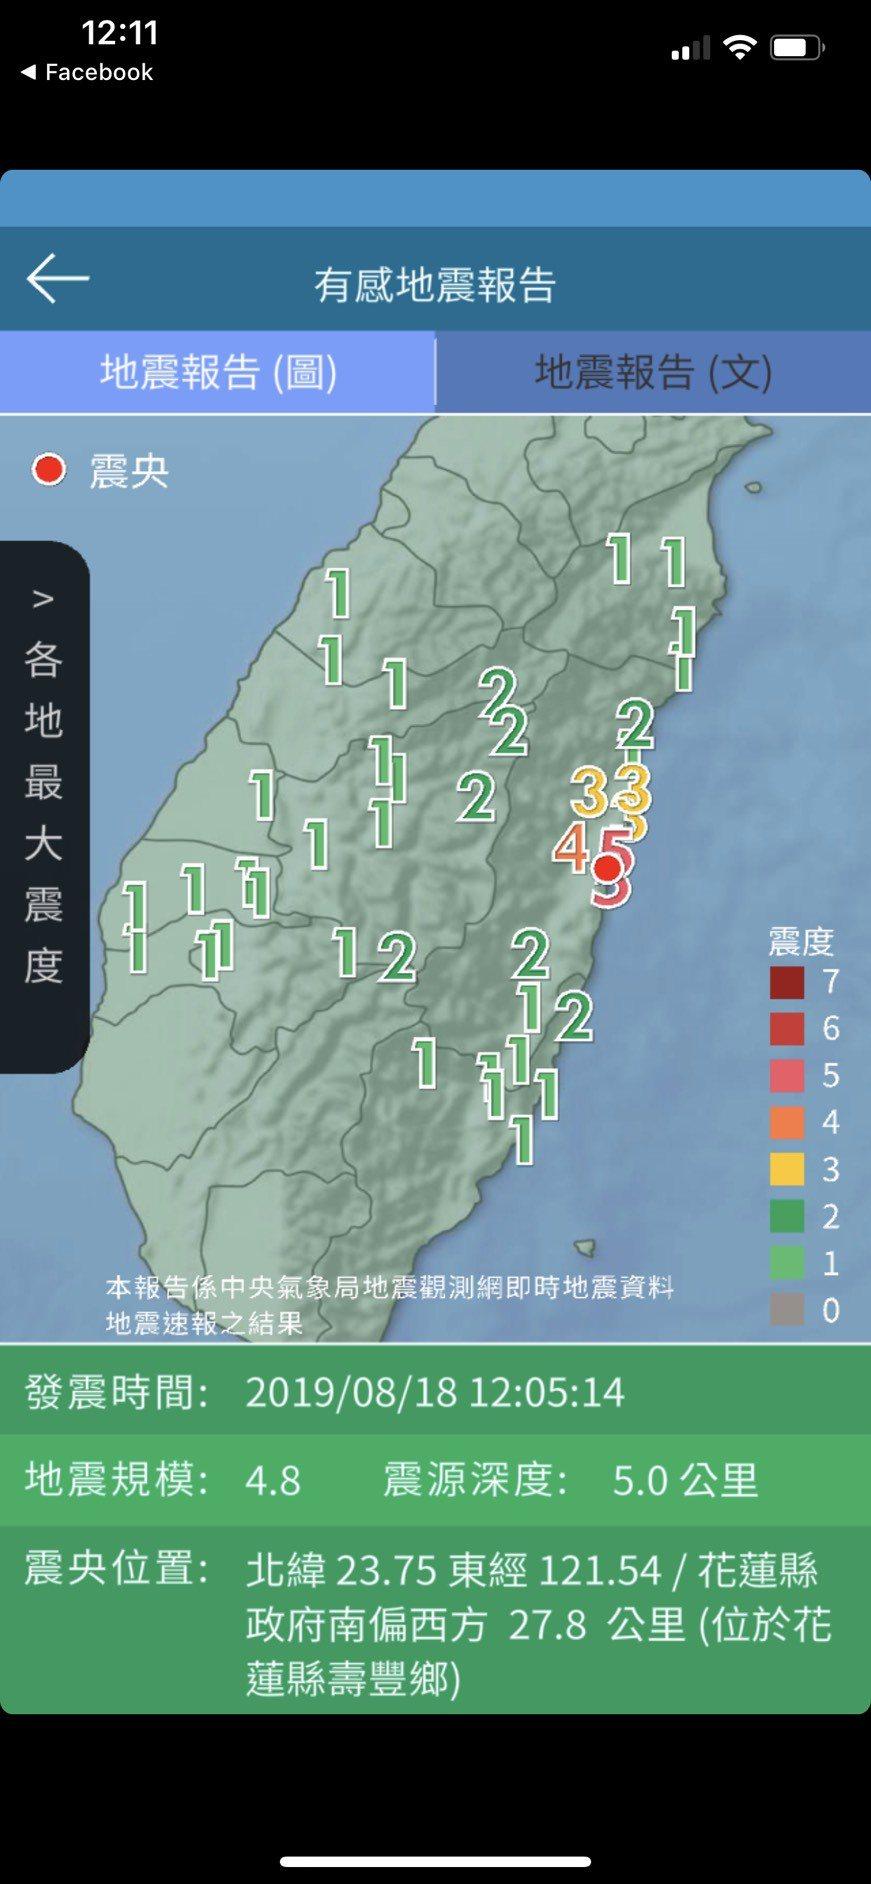 花蓮縣壽豐鄉今天發生地震,嘉義縣市消防局沒有獲報災情。照/嘉義市消防局提供